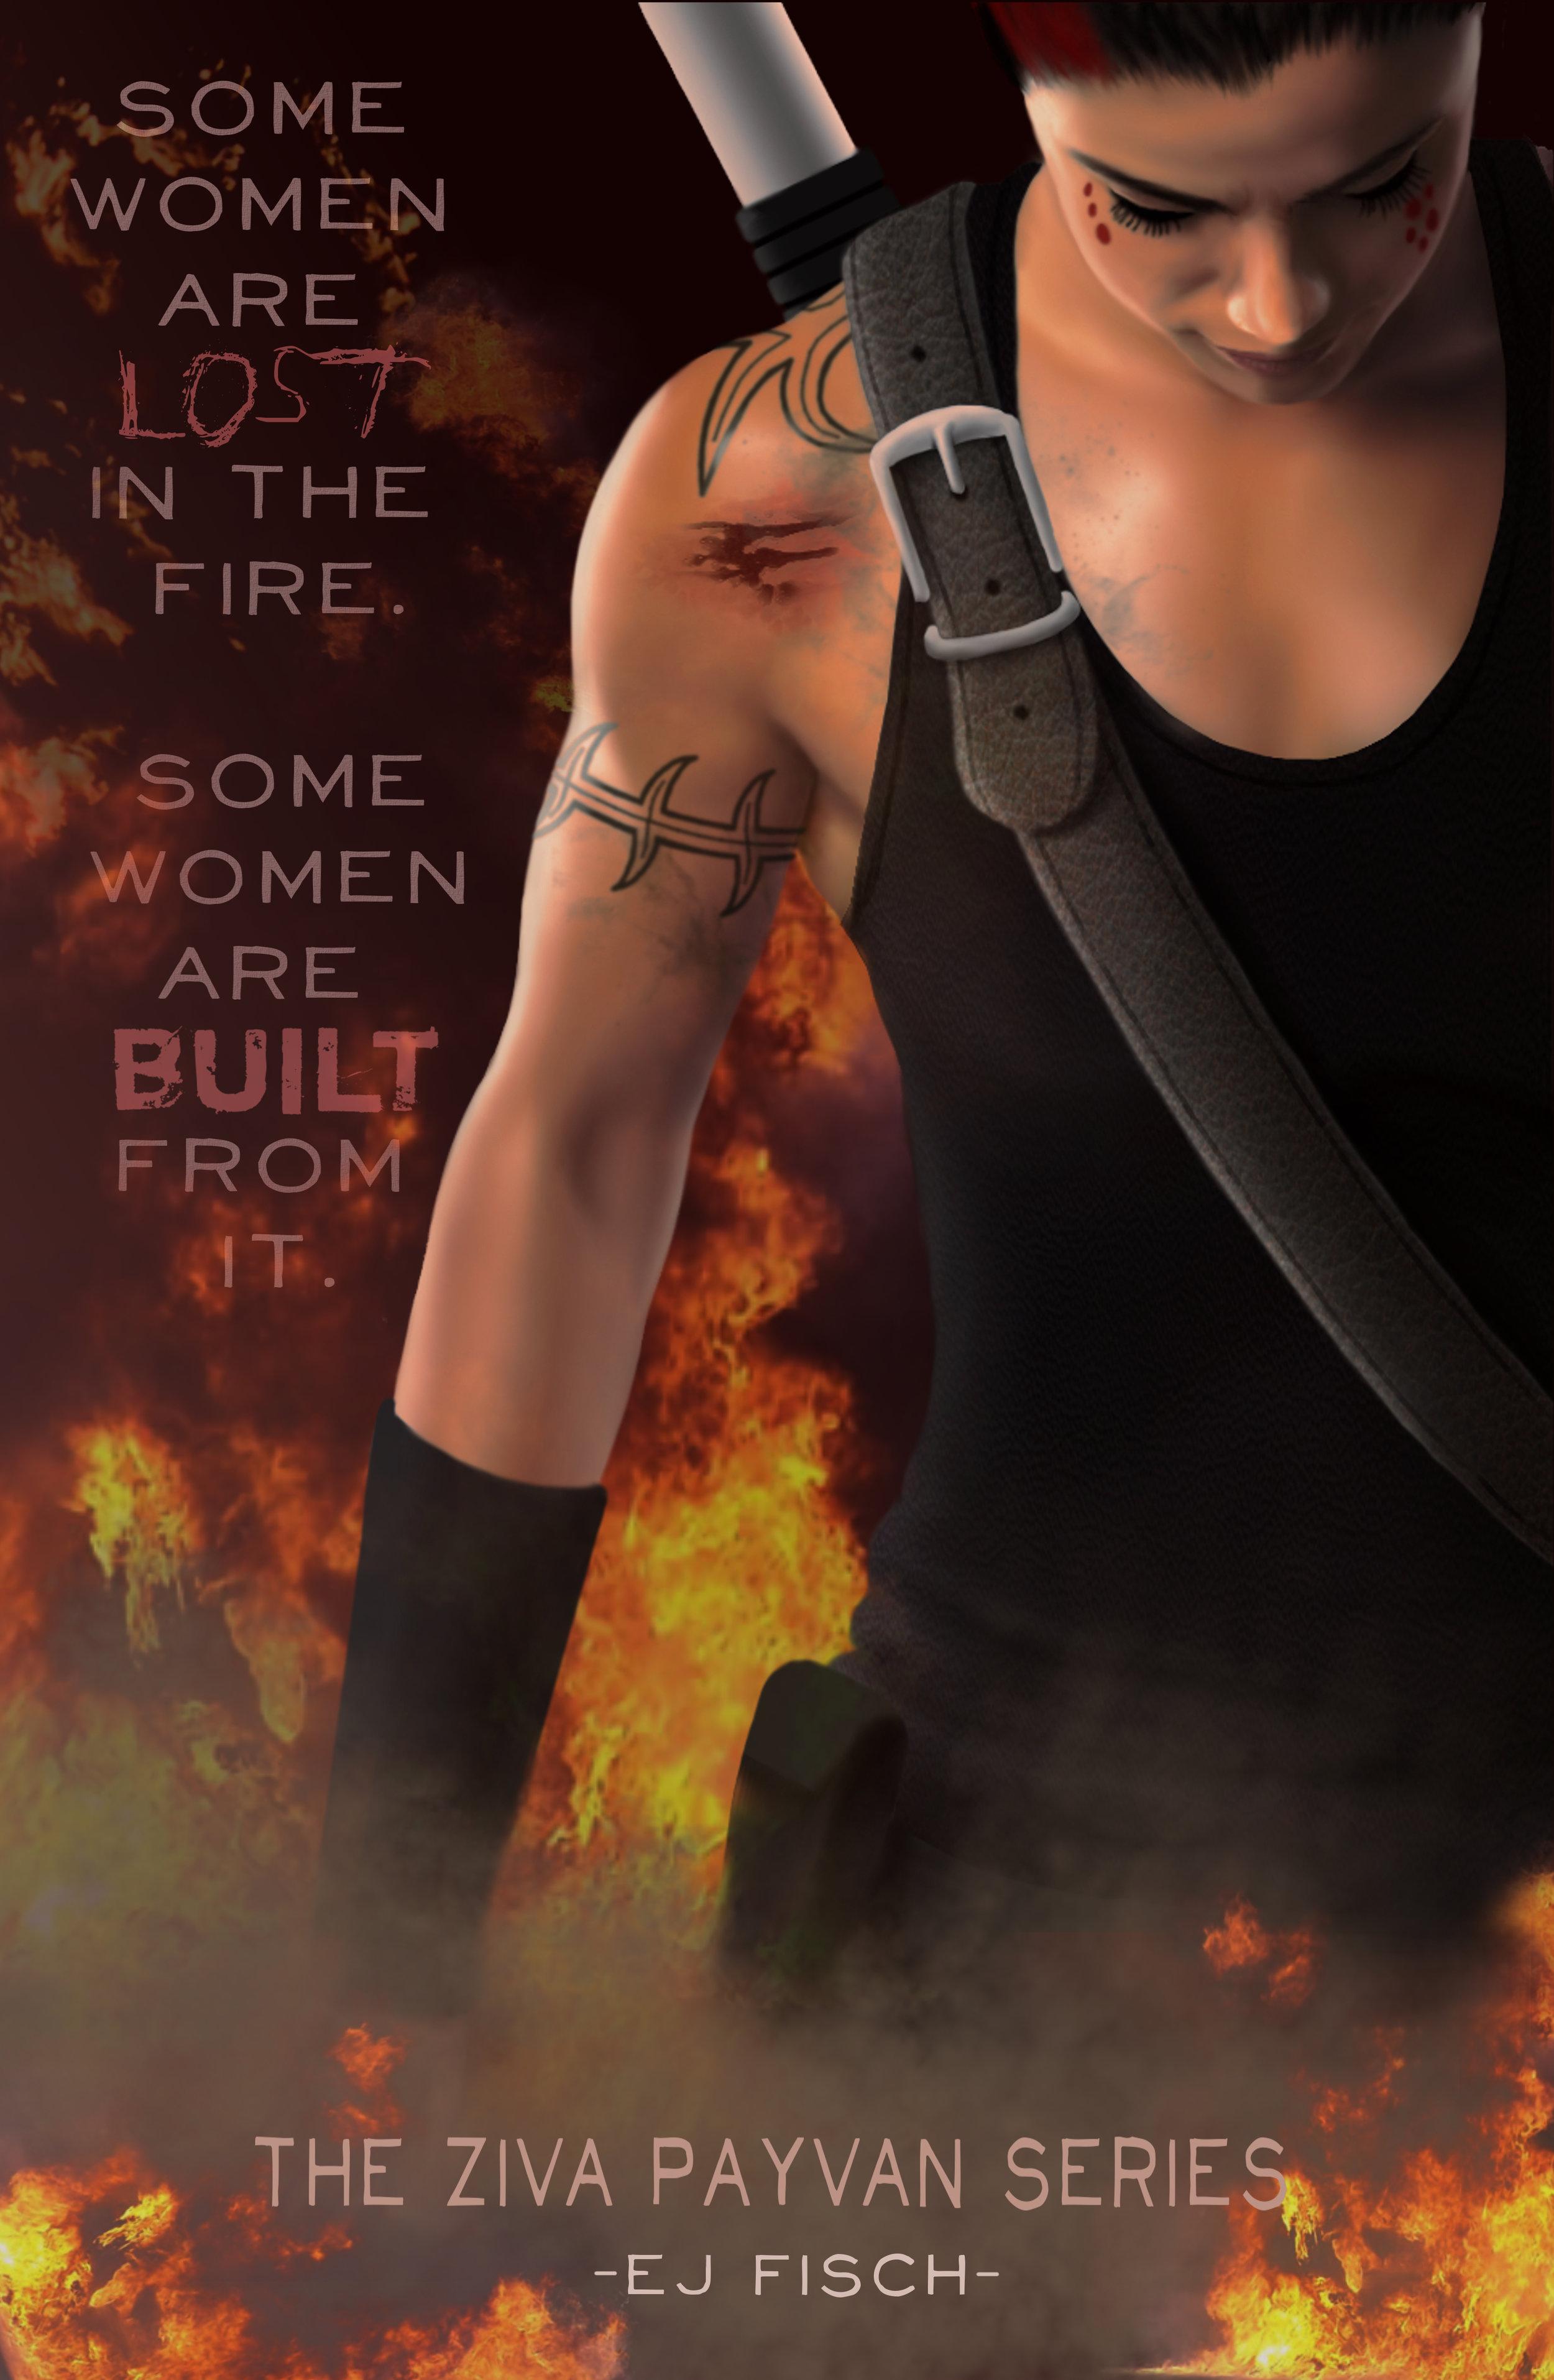 fire_poster.jpg